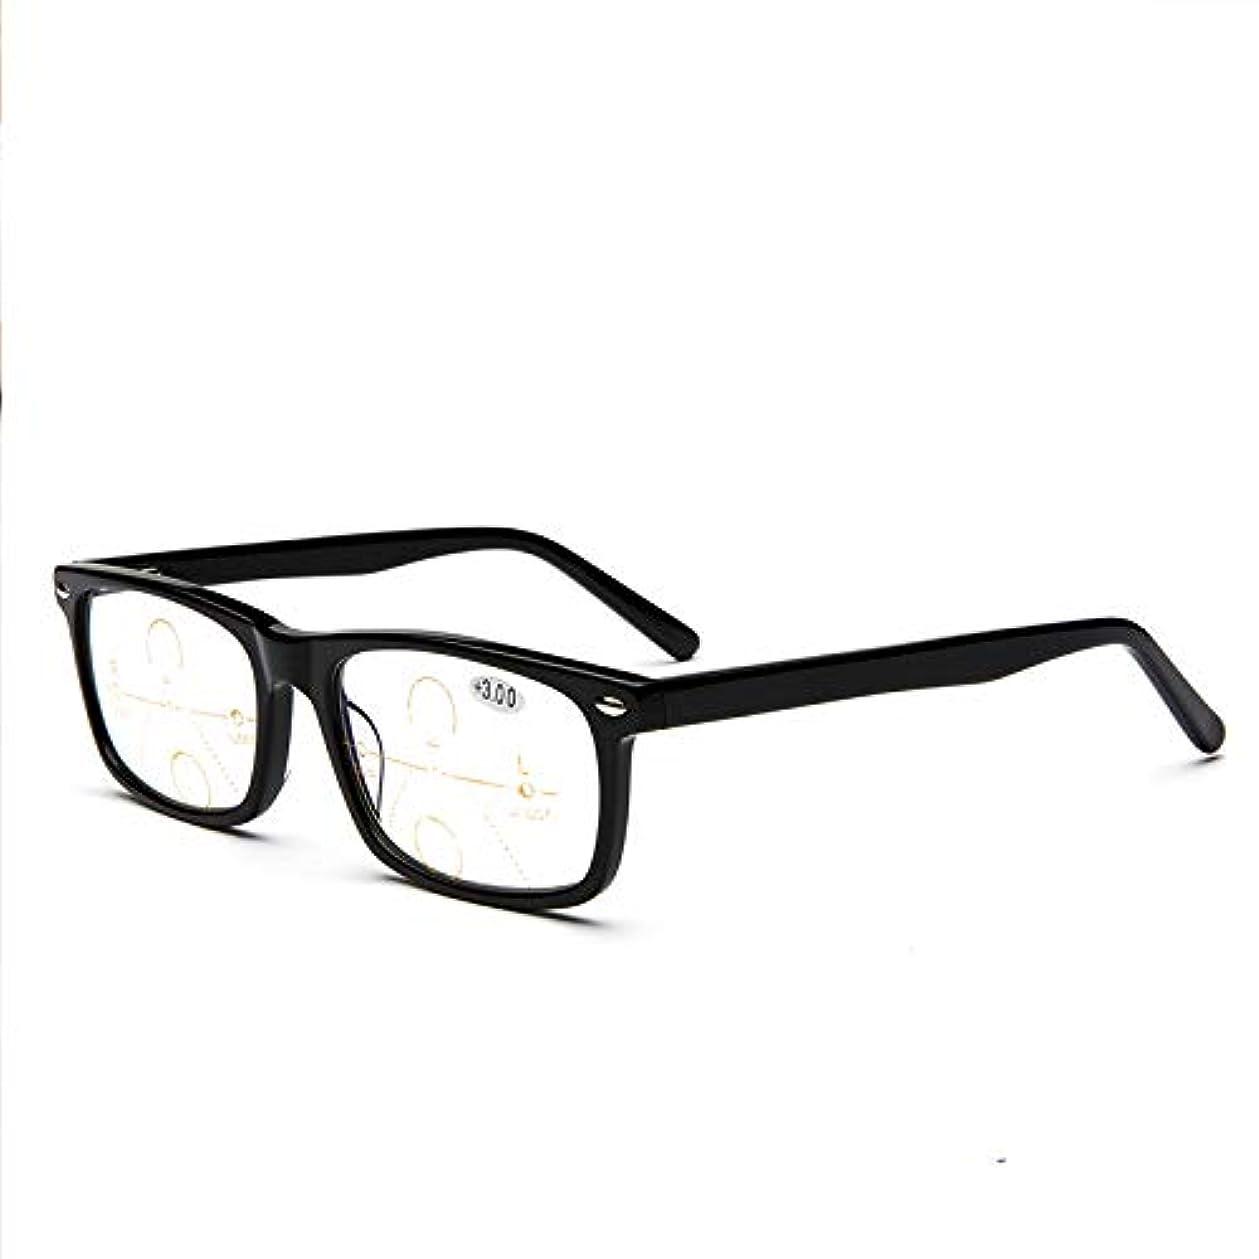 ペチュランス寛解こするプログレッシブマルチフォーカス老眼鏡、アンチブルーライト、変色HD光学アイウェア、メンズ/レディース用